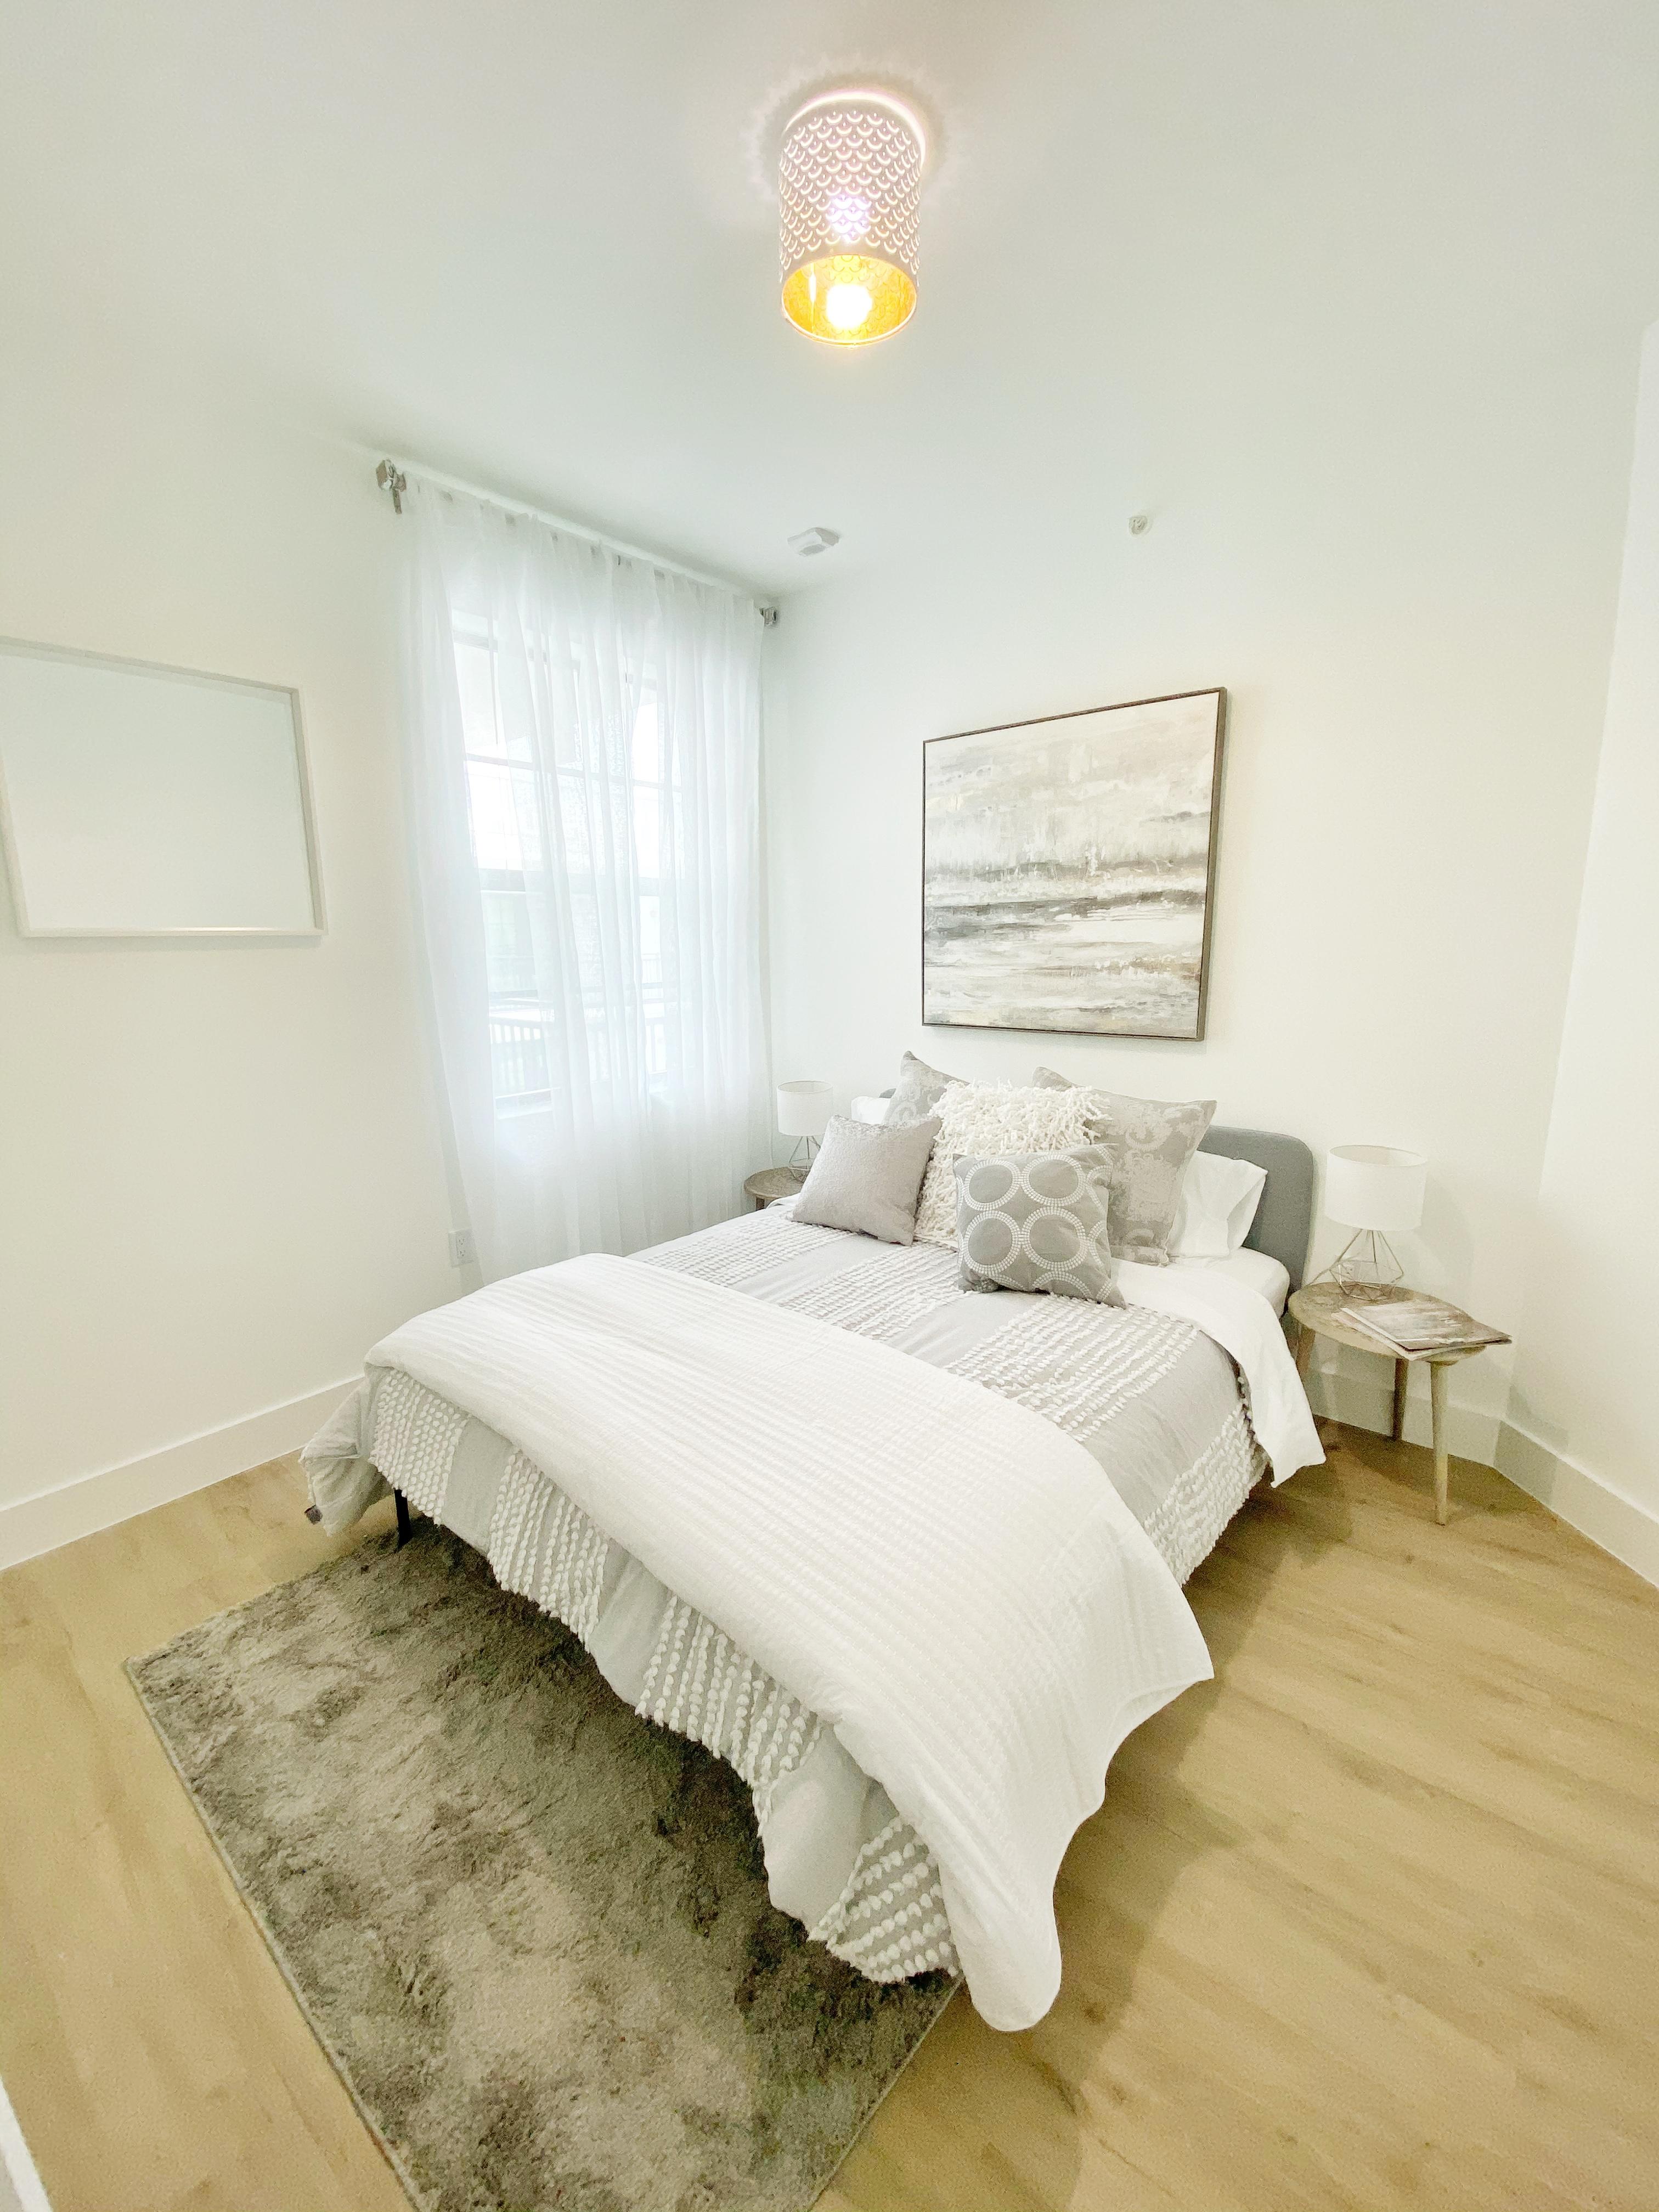 #315 Bedroom